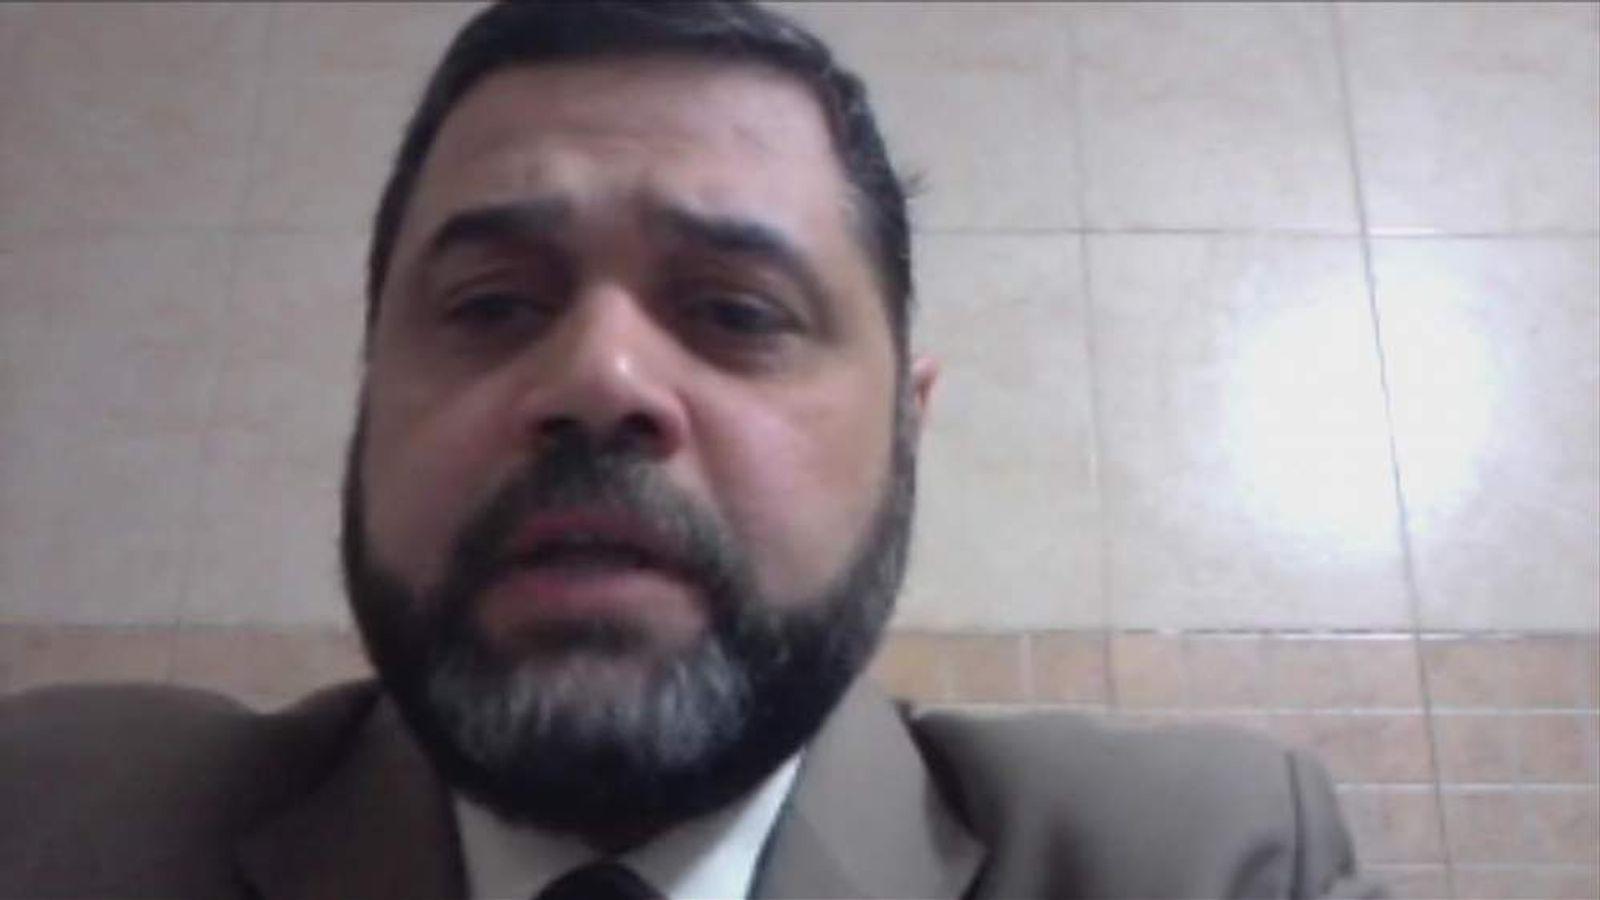 Usamah Hamdan